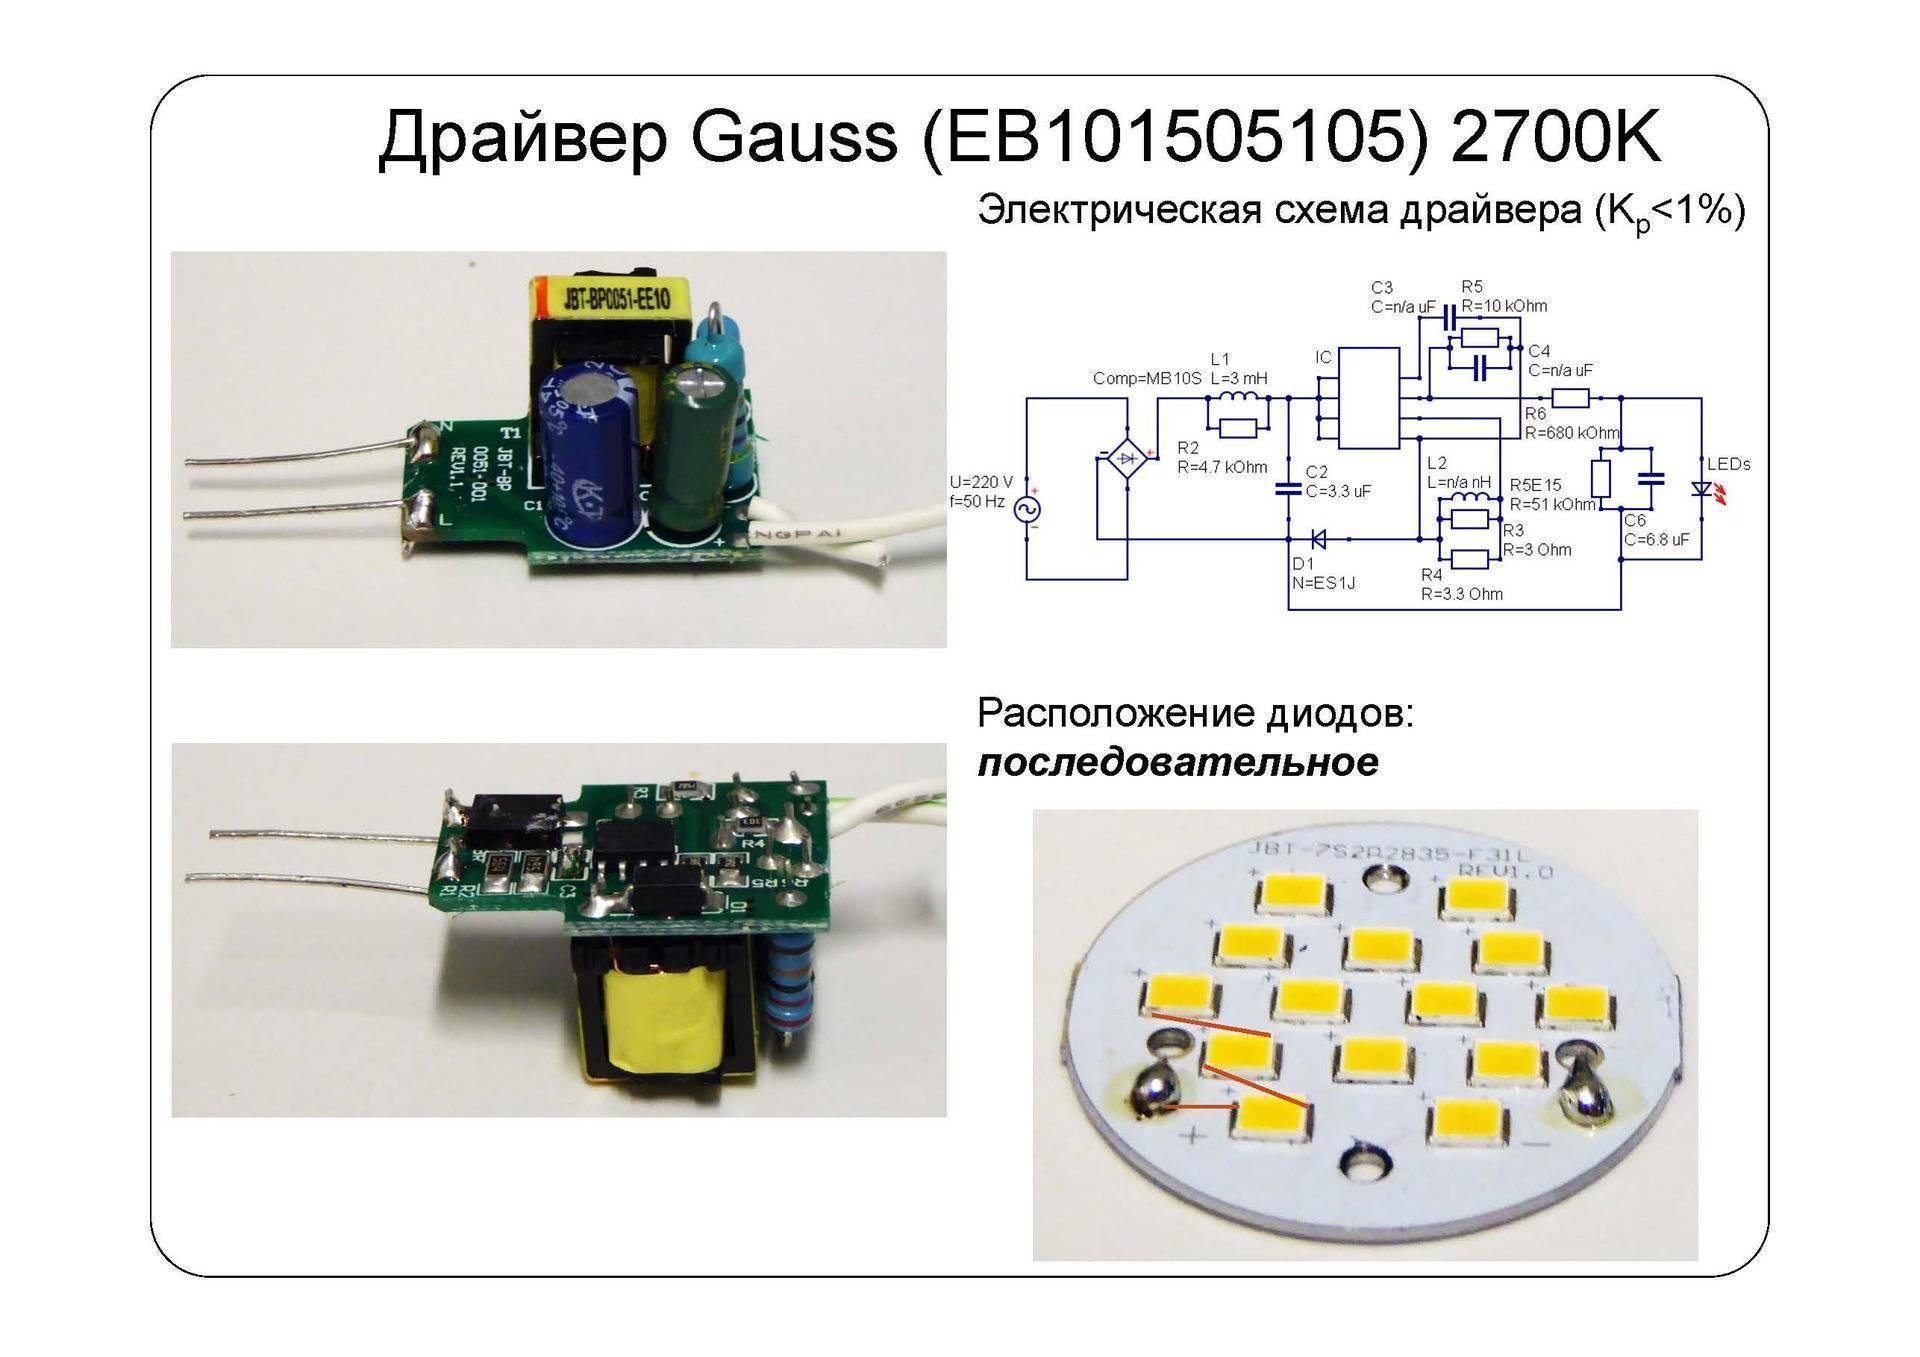 Ремонт светодиодных led ламп на примерах